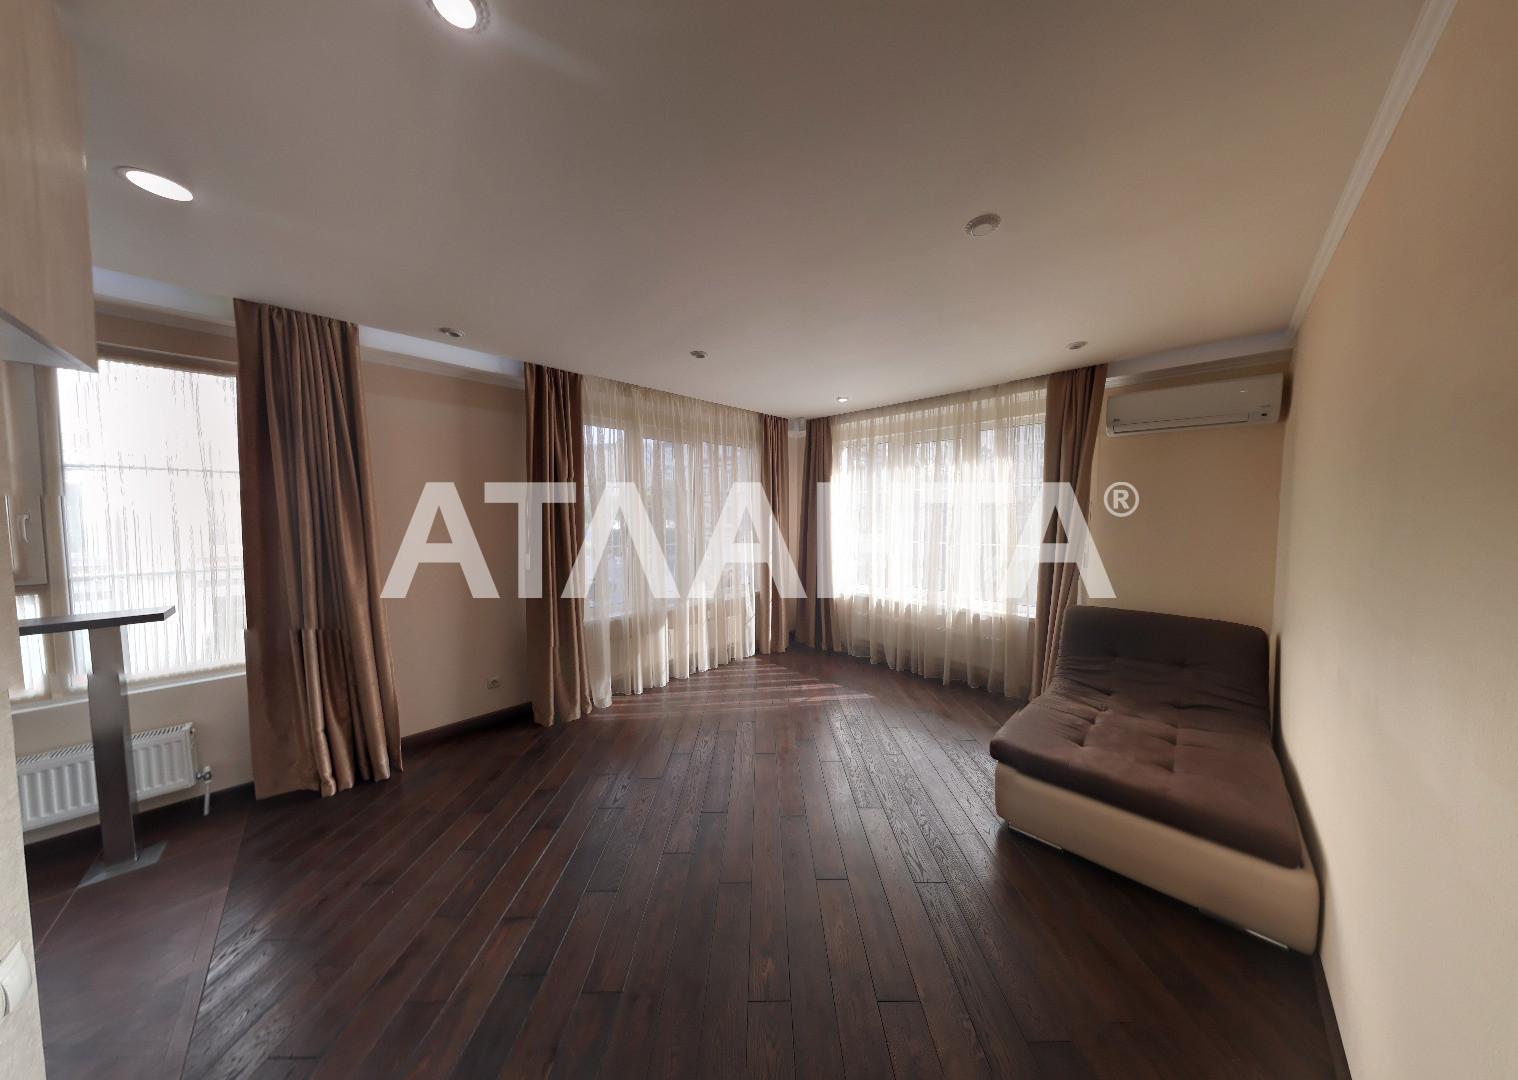 Продается 2-комнатная Квартира на ул. Ул. Луценко Дмитрия — 70 000 у.е. (фото №4)